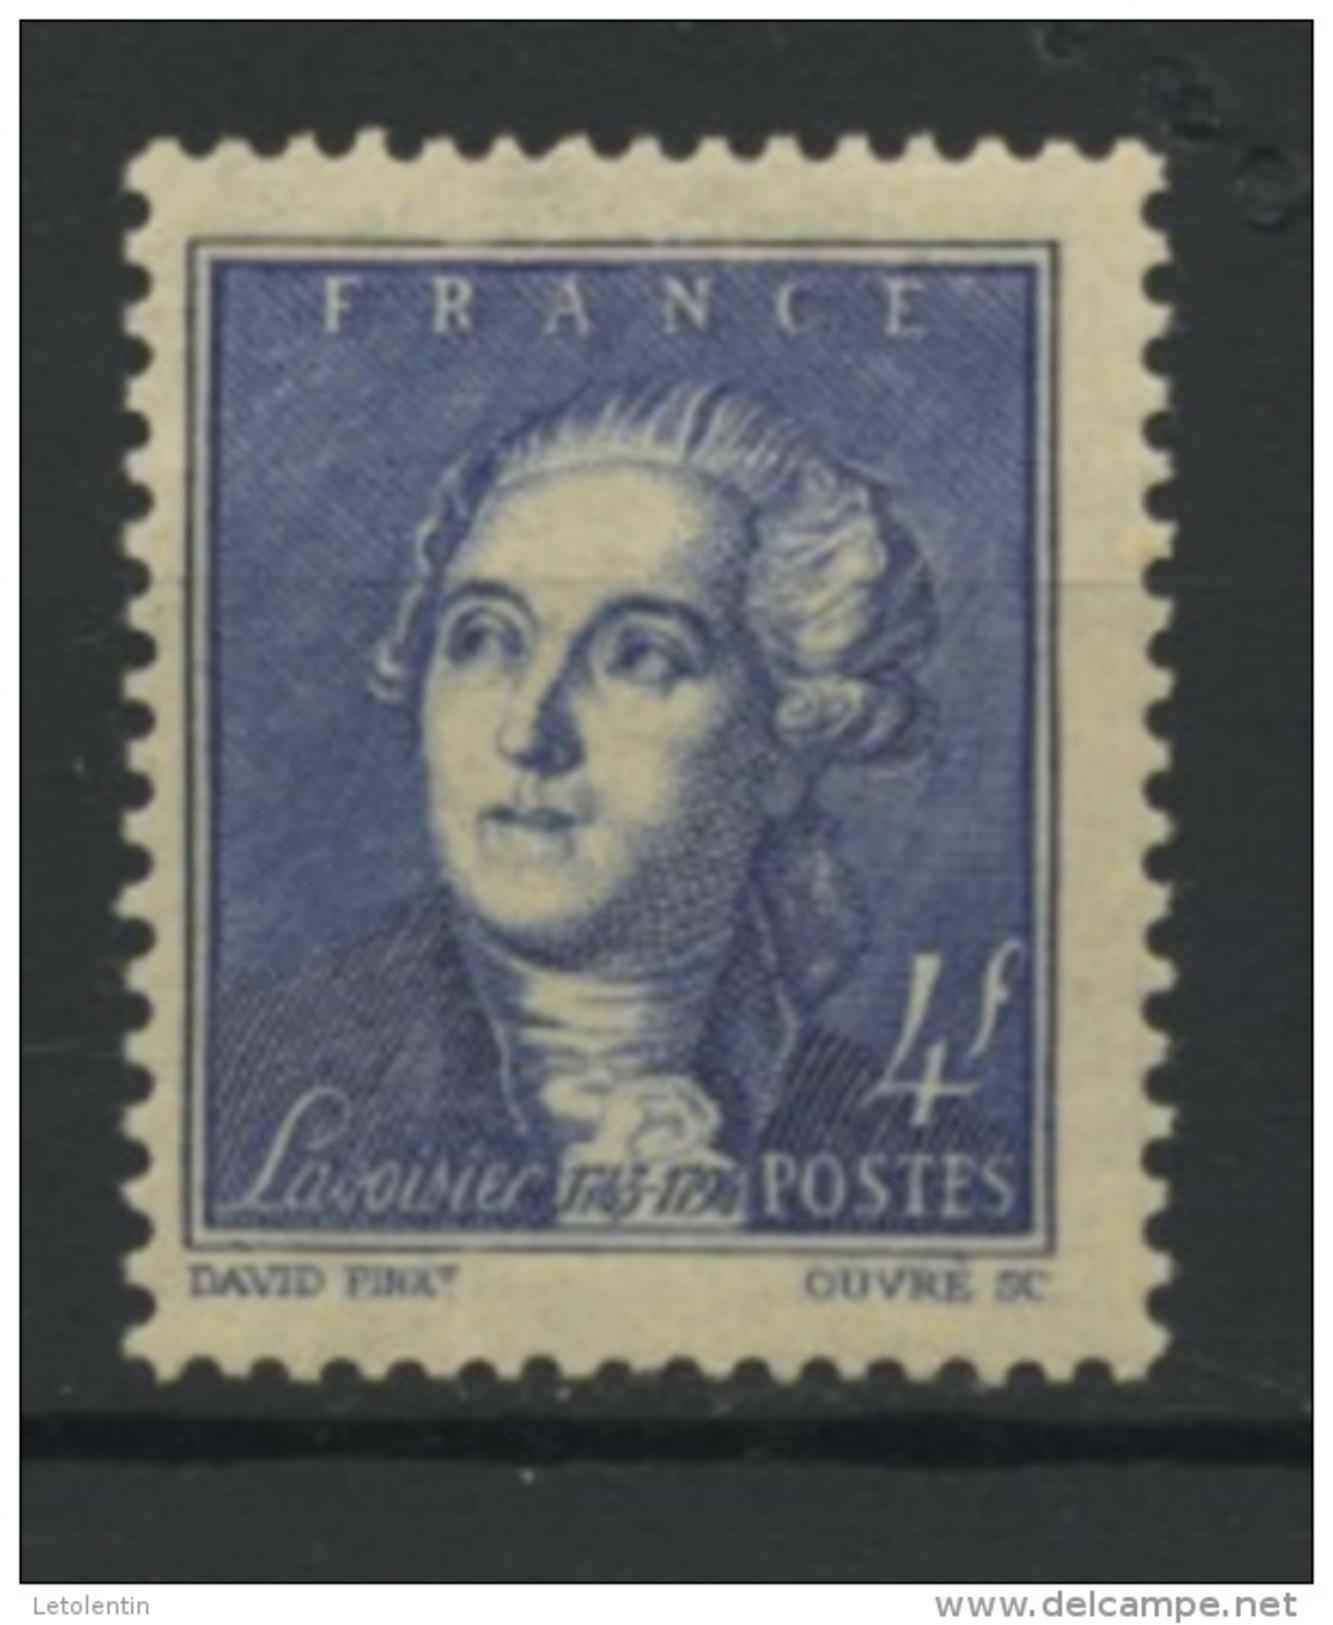 FRANCE - LAVOISIER - N° Yvert 581** - Unused Stamps